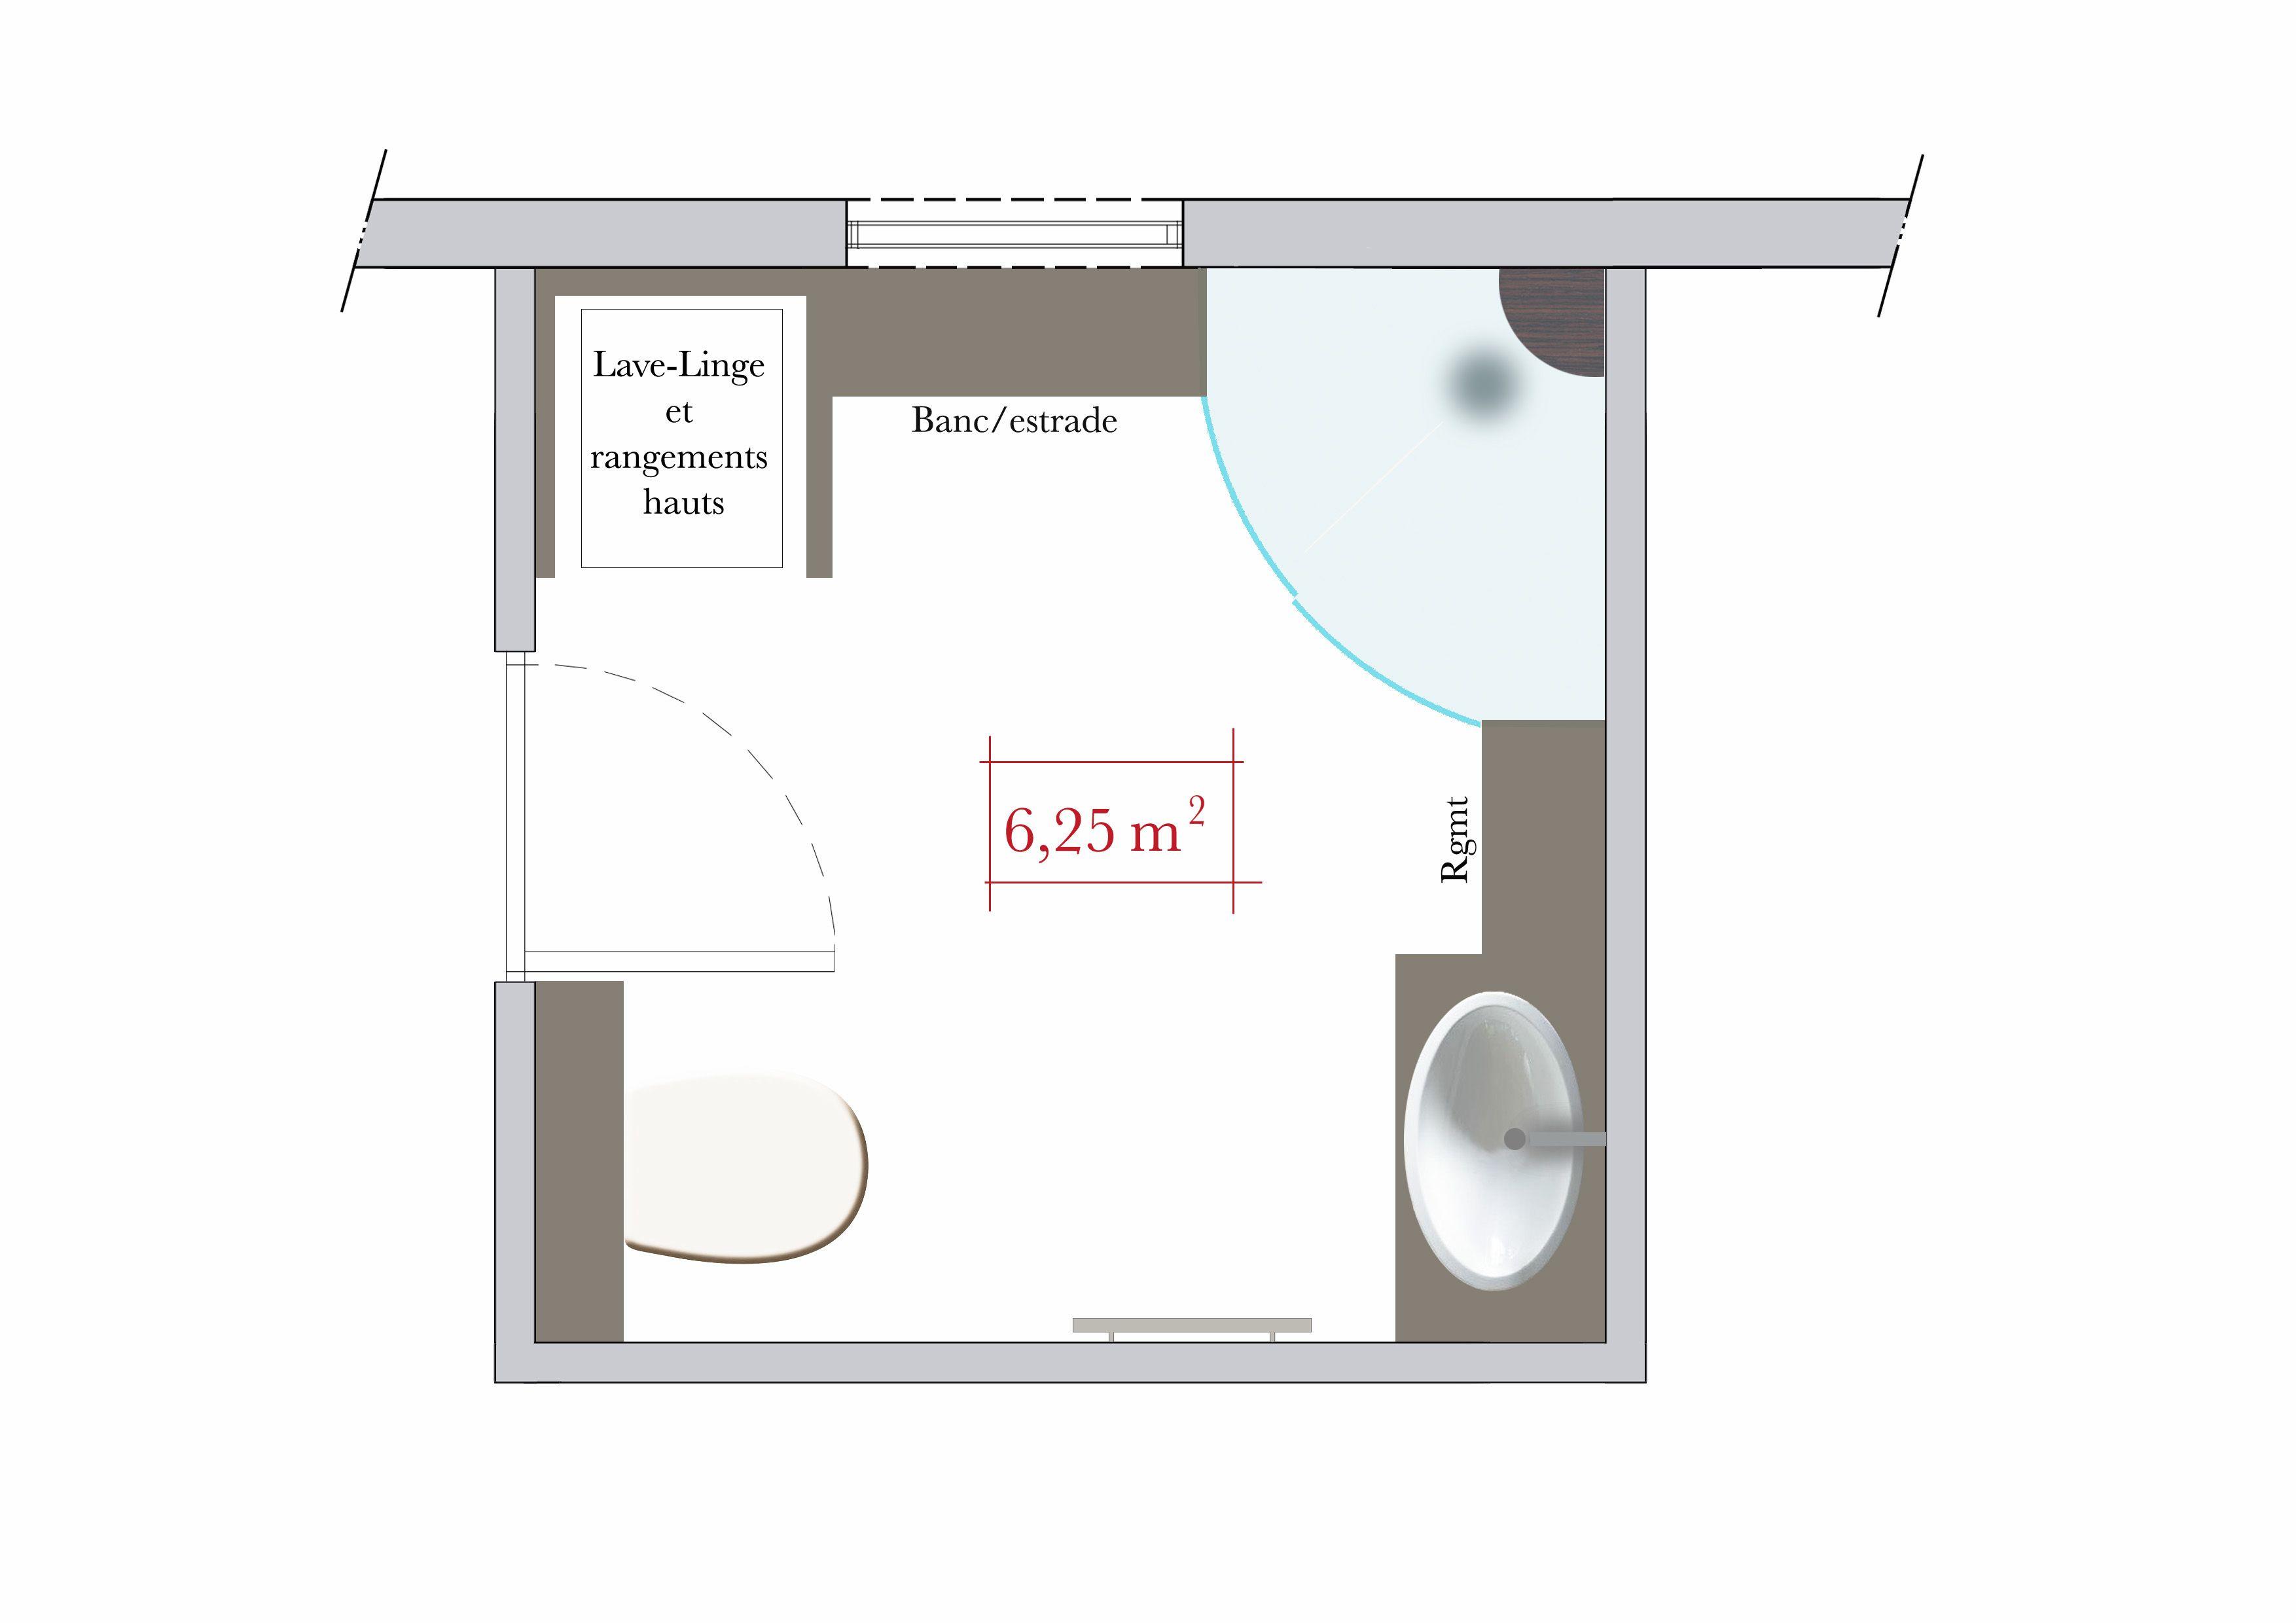 conseils darchitecte 4 plans de salle de bain carre - Plan Salle De Bain Avec Wc